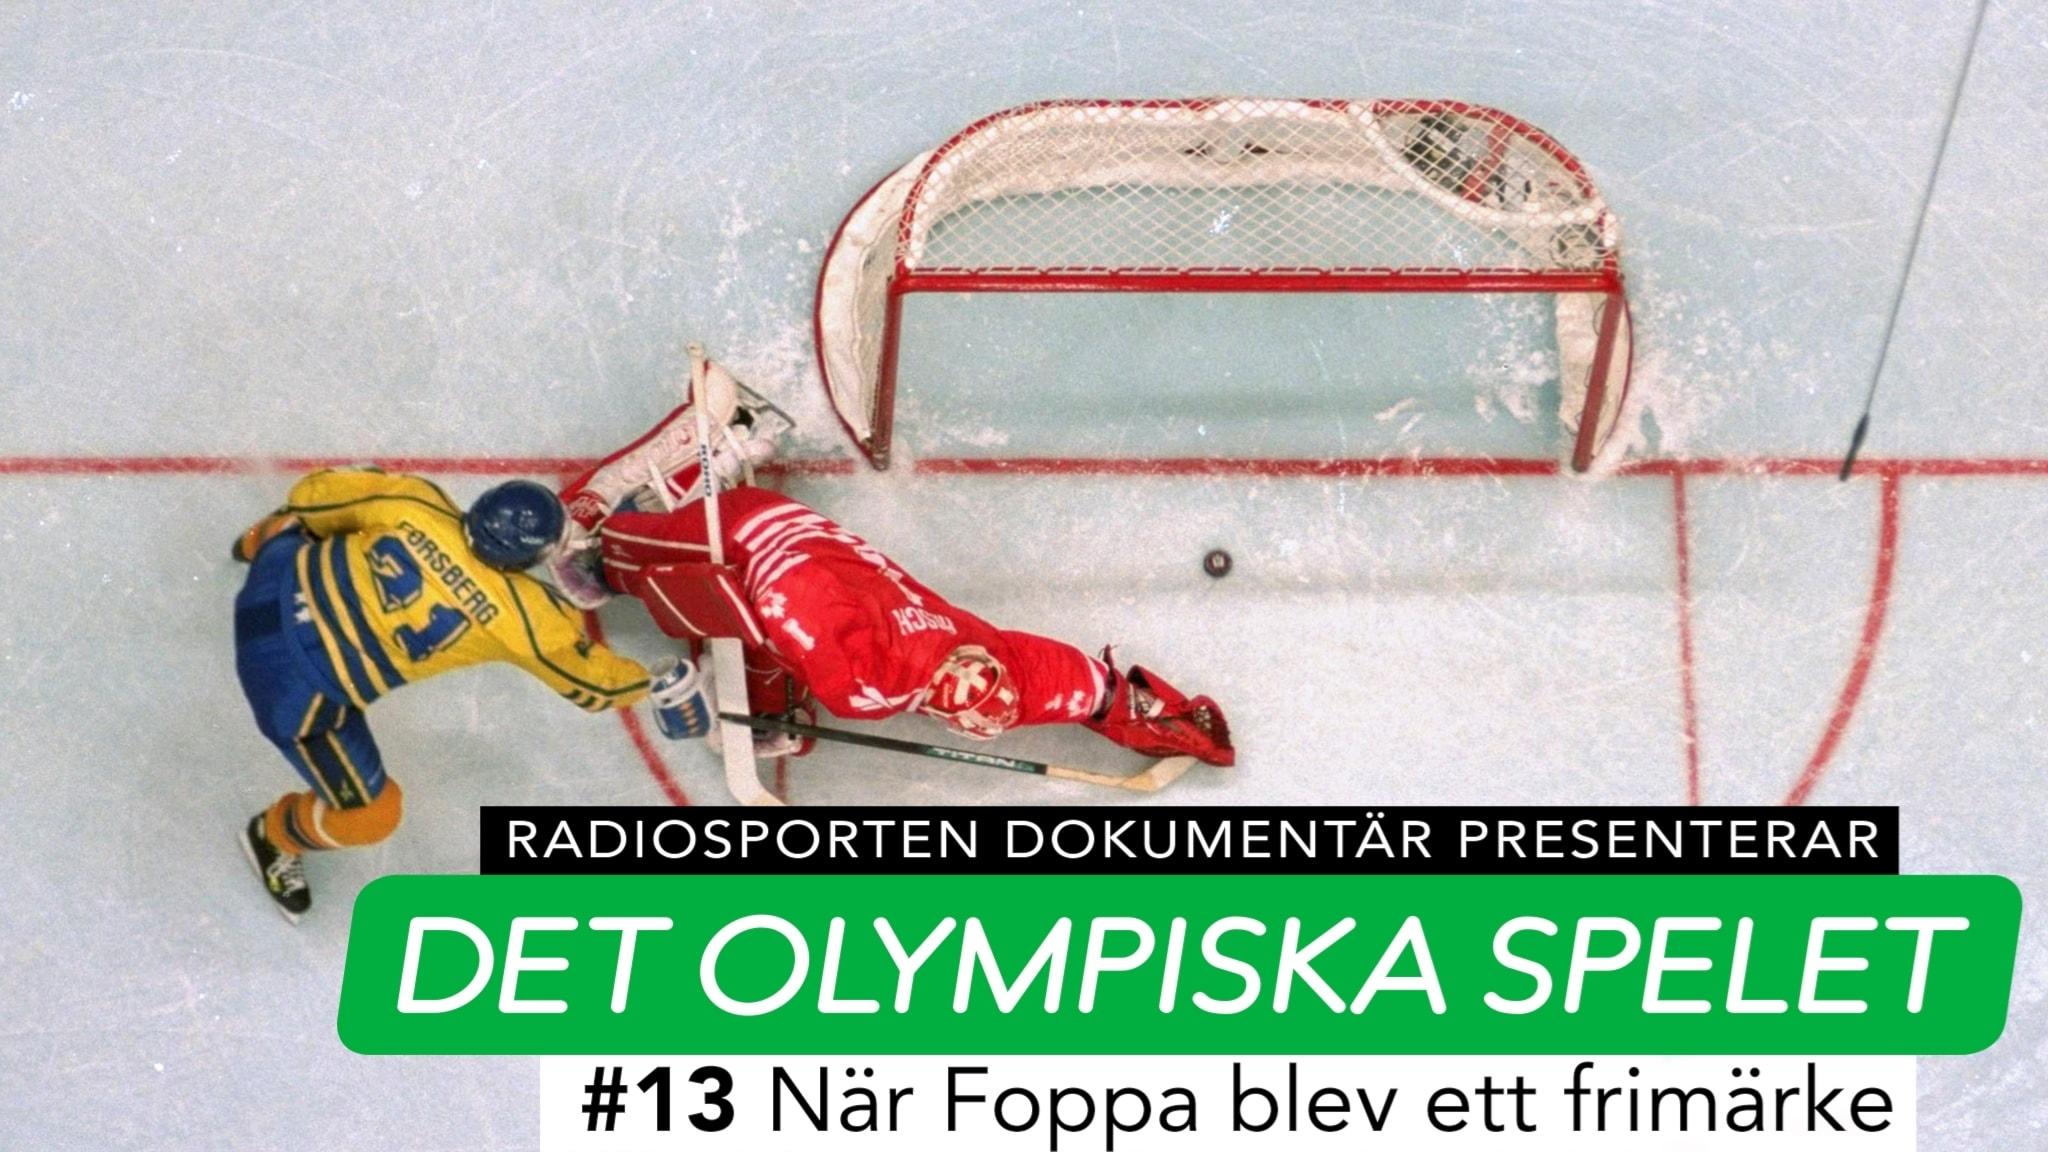 #13 När Foppa blev ett frimärke